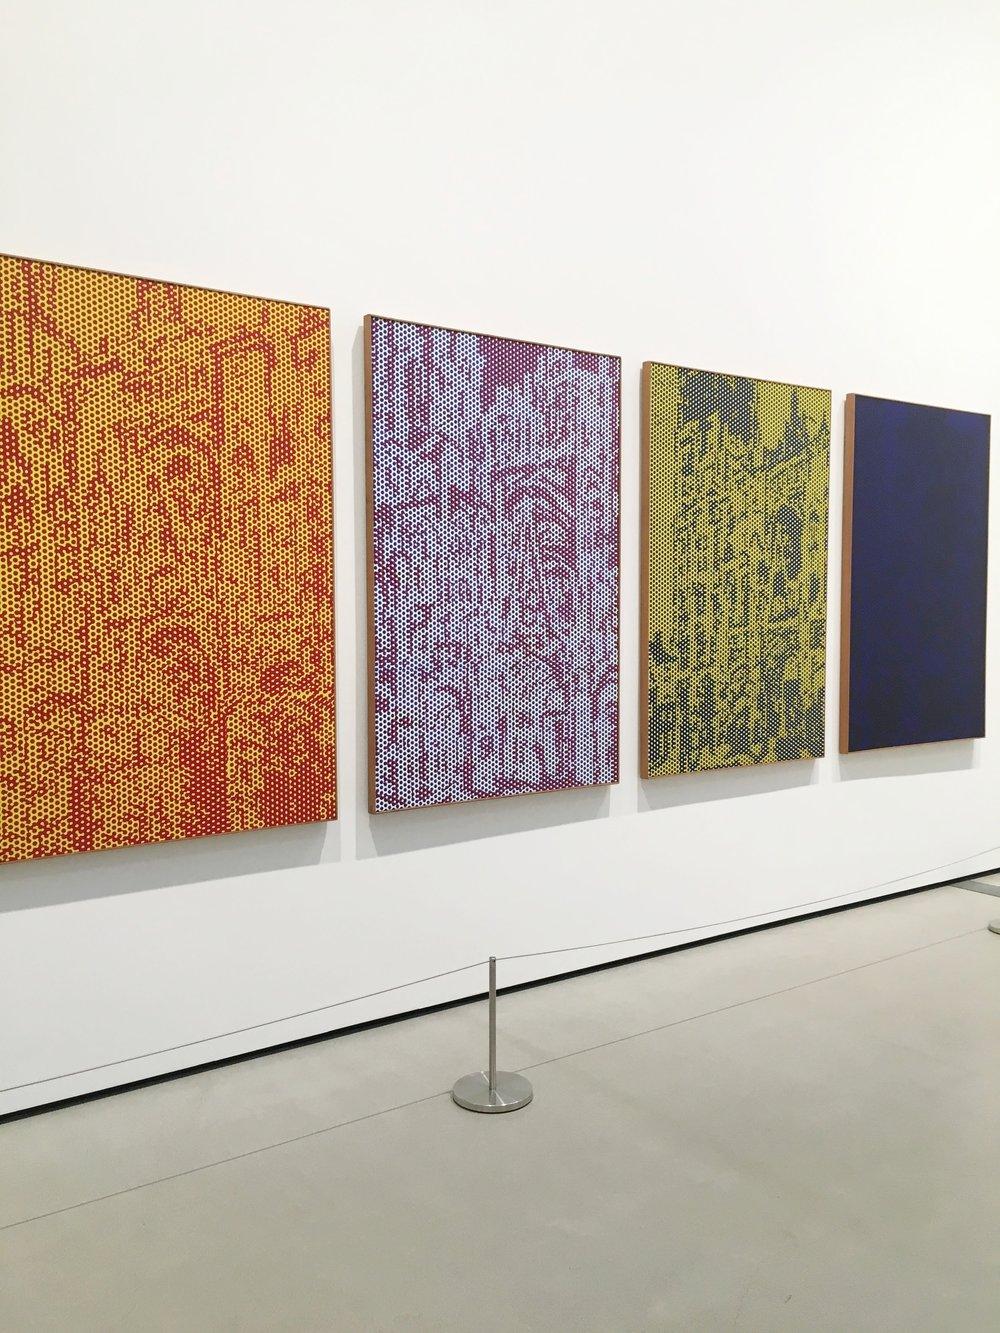 Area dedicated to Roy Lichtenstein